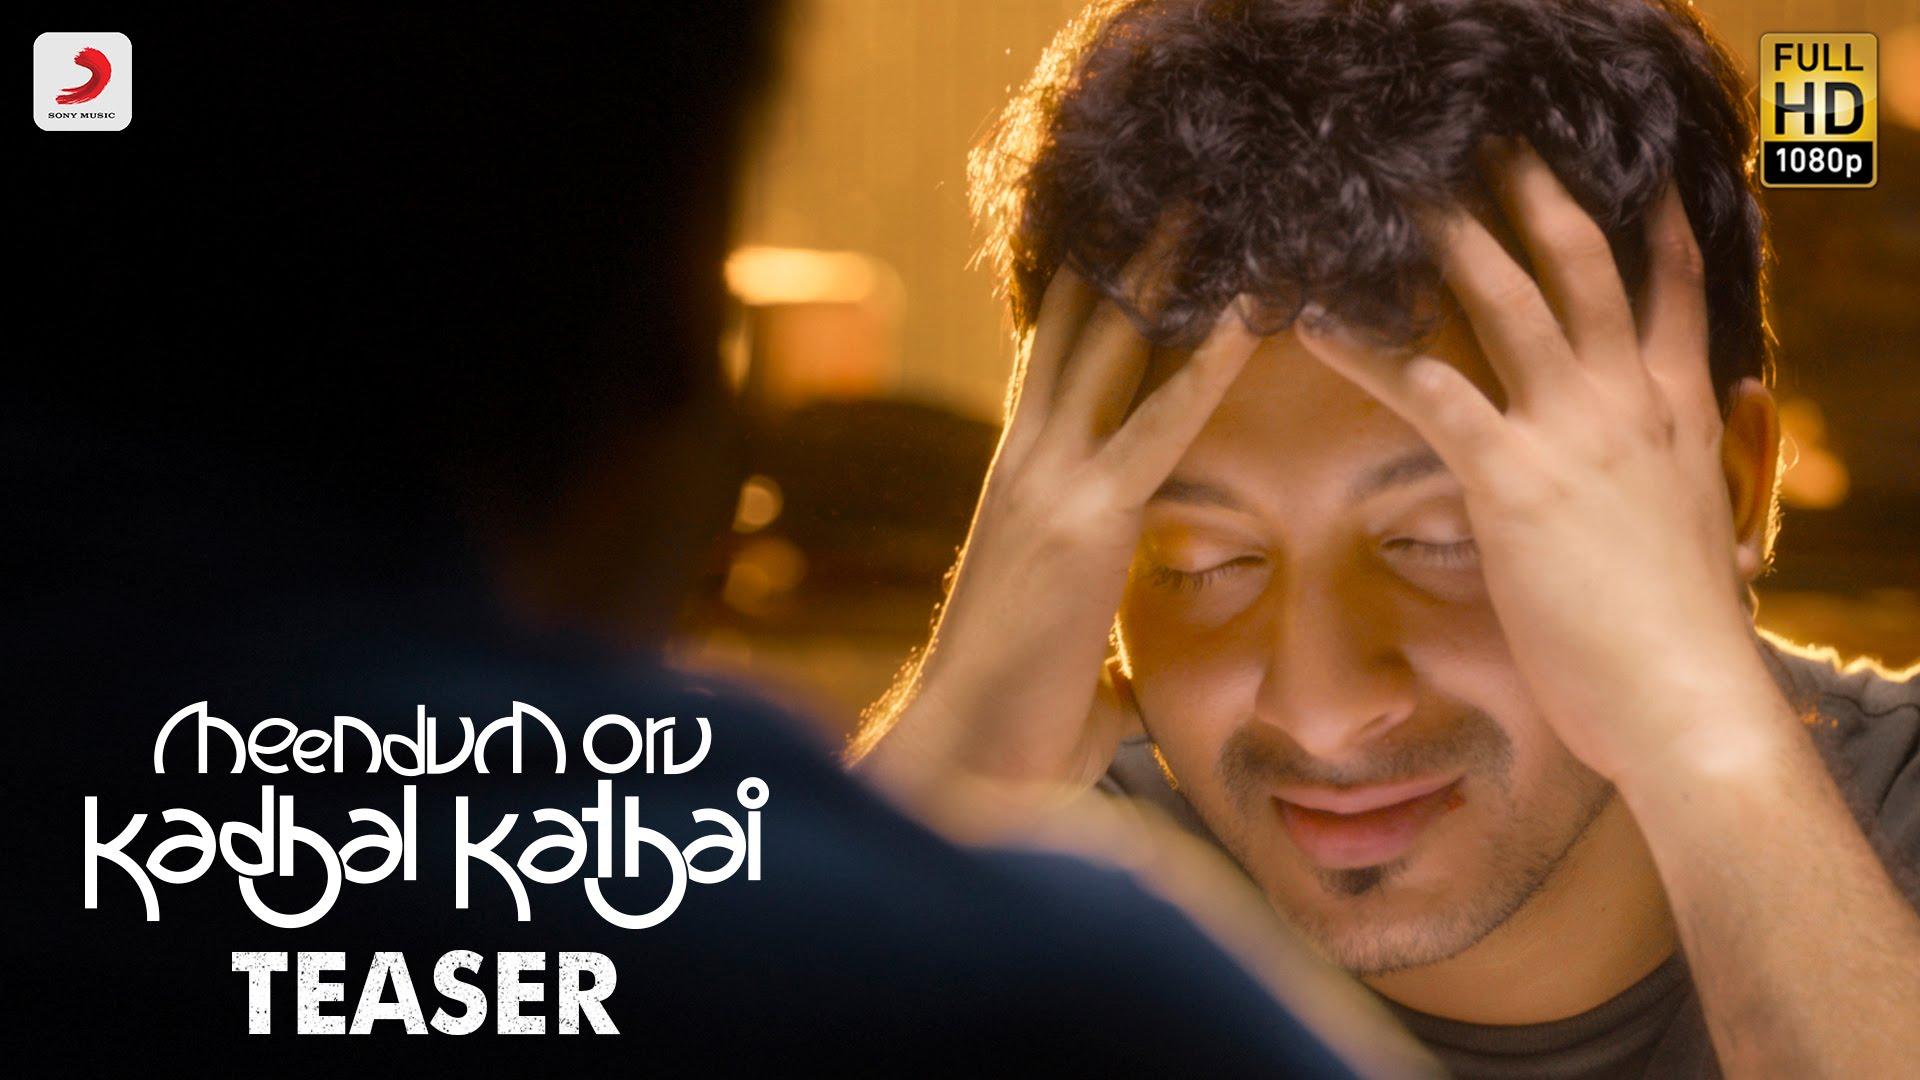 Meendum Oru Kadhal Kathai – Teaser | GV.Prakash Kumar | Walter Philips